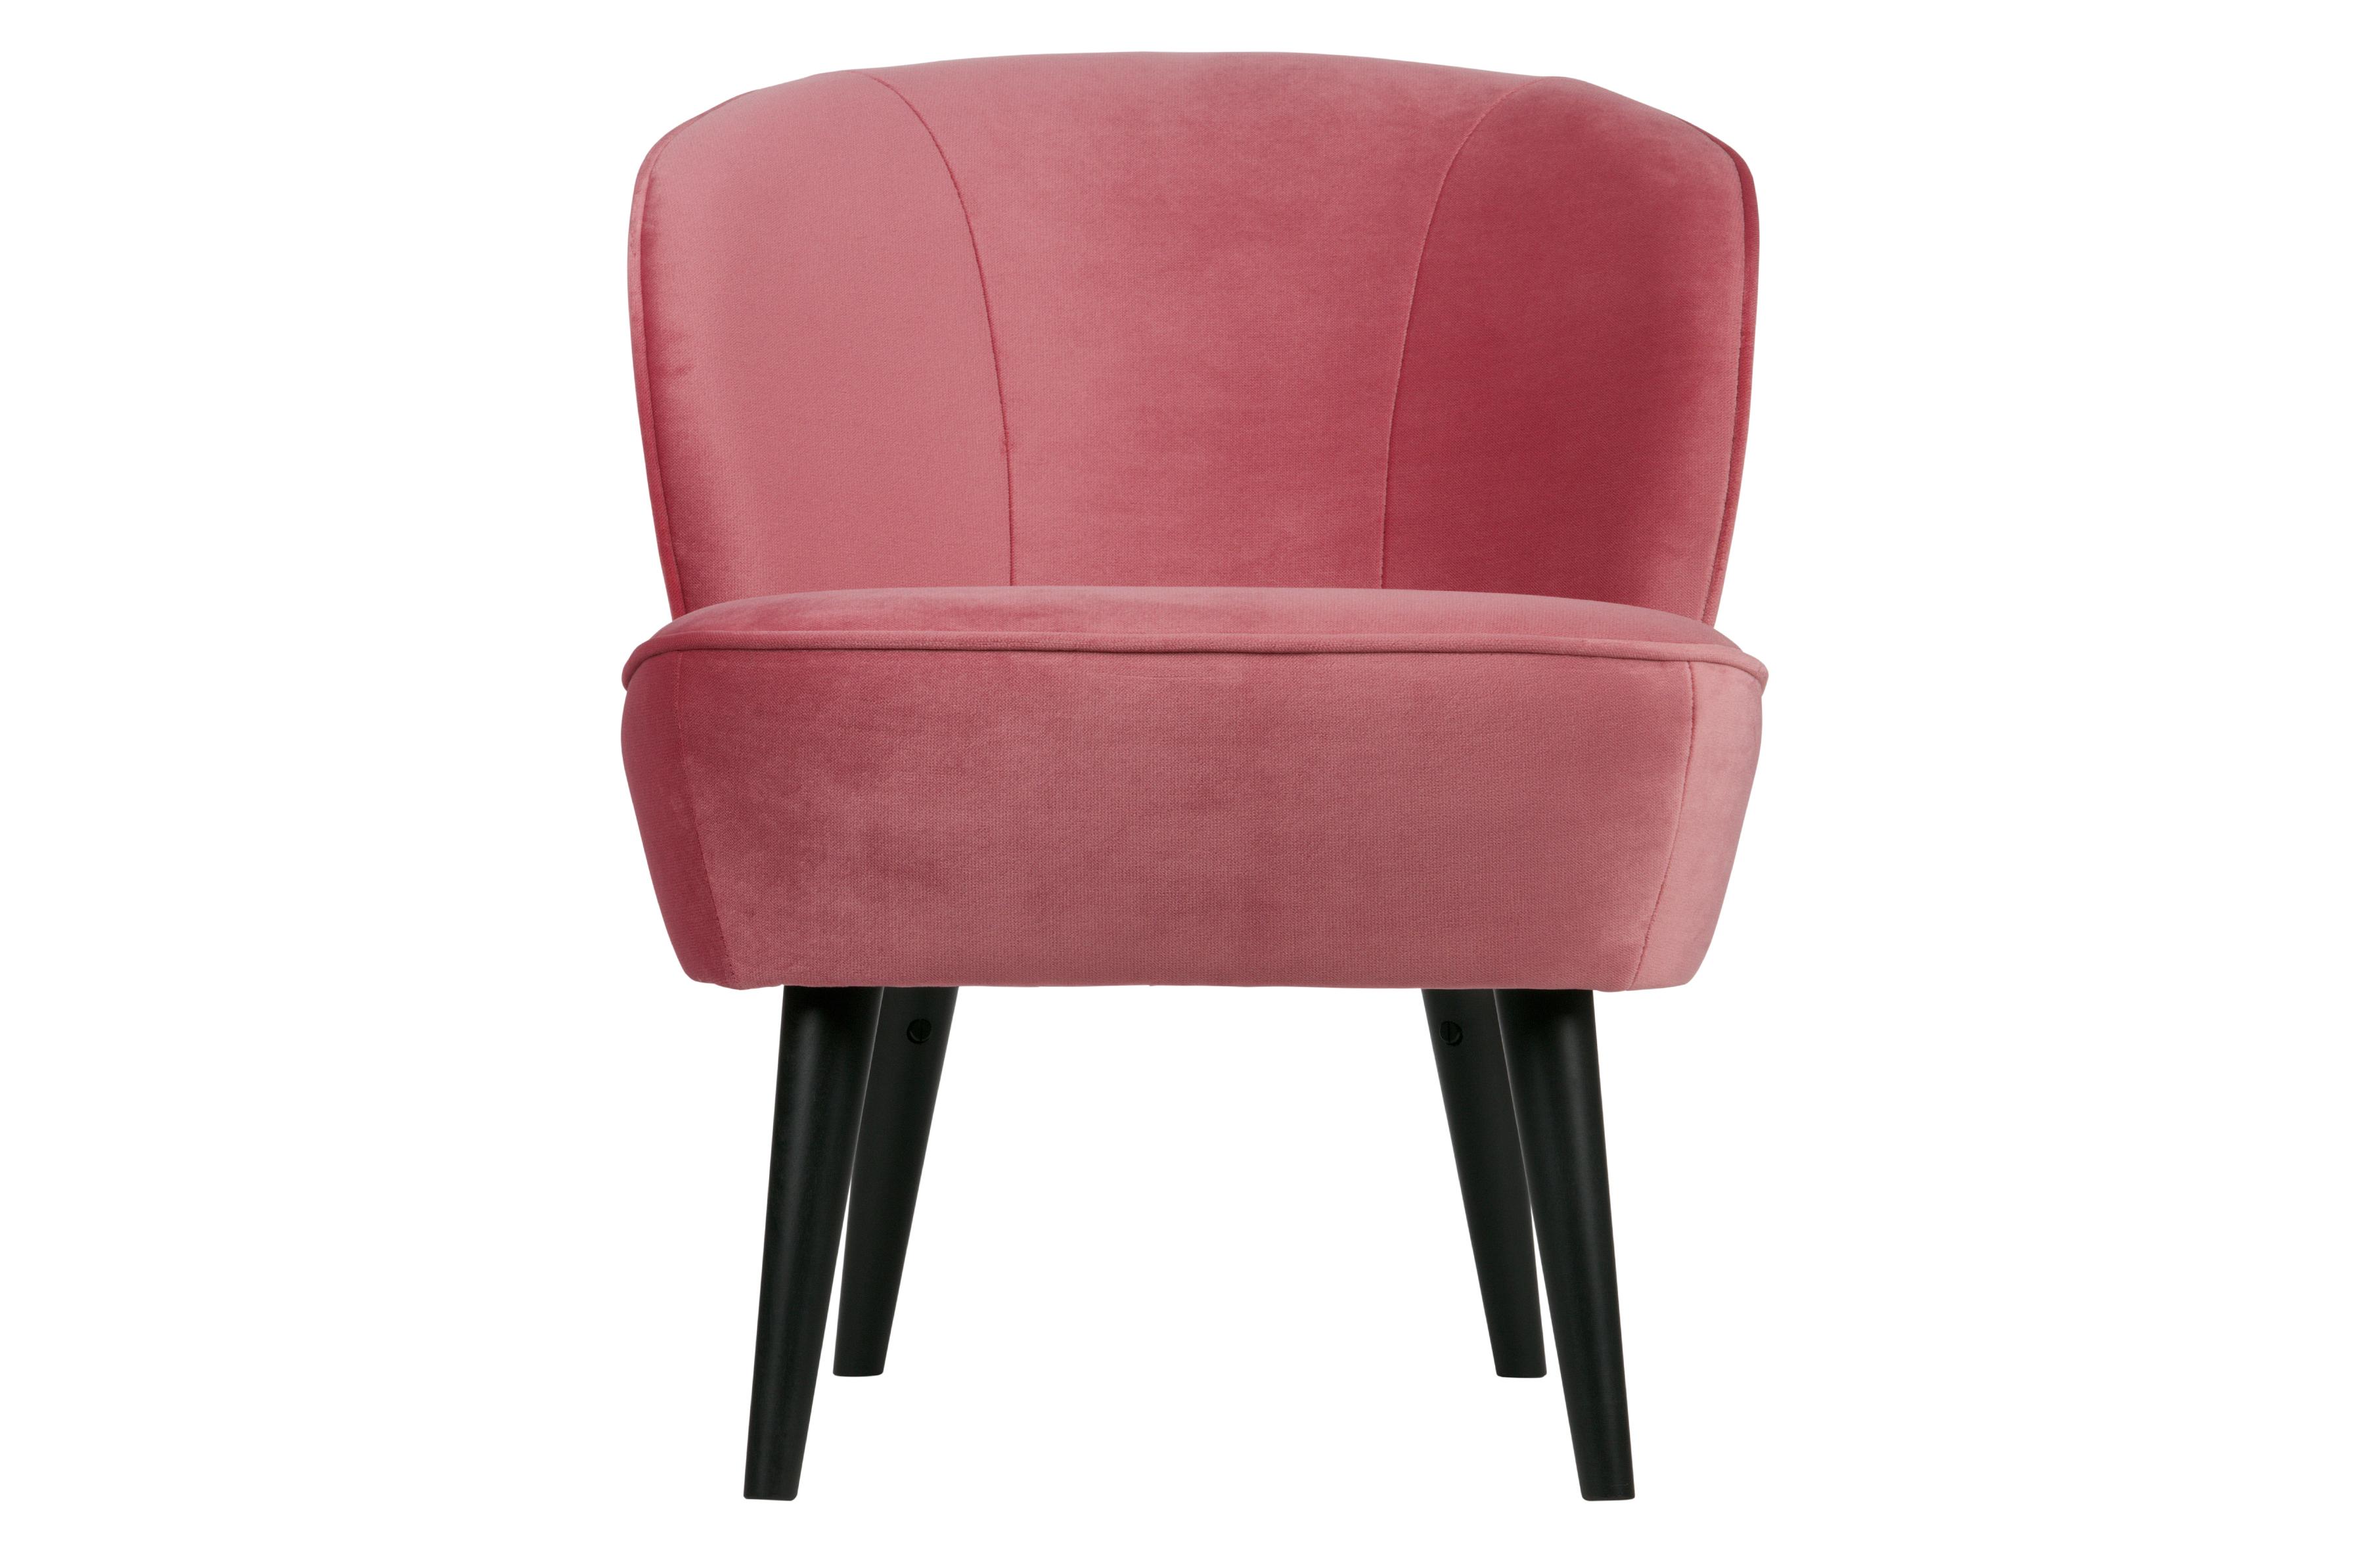 Sara fauteuil fluweel roze banken woonkamer woood